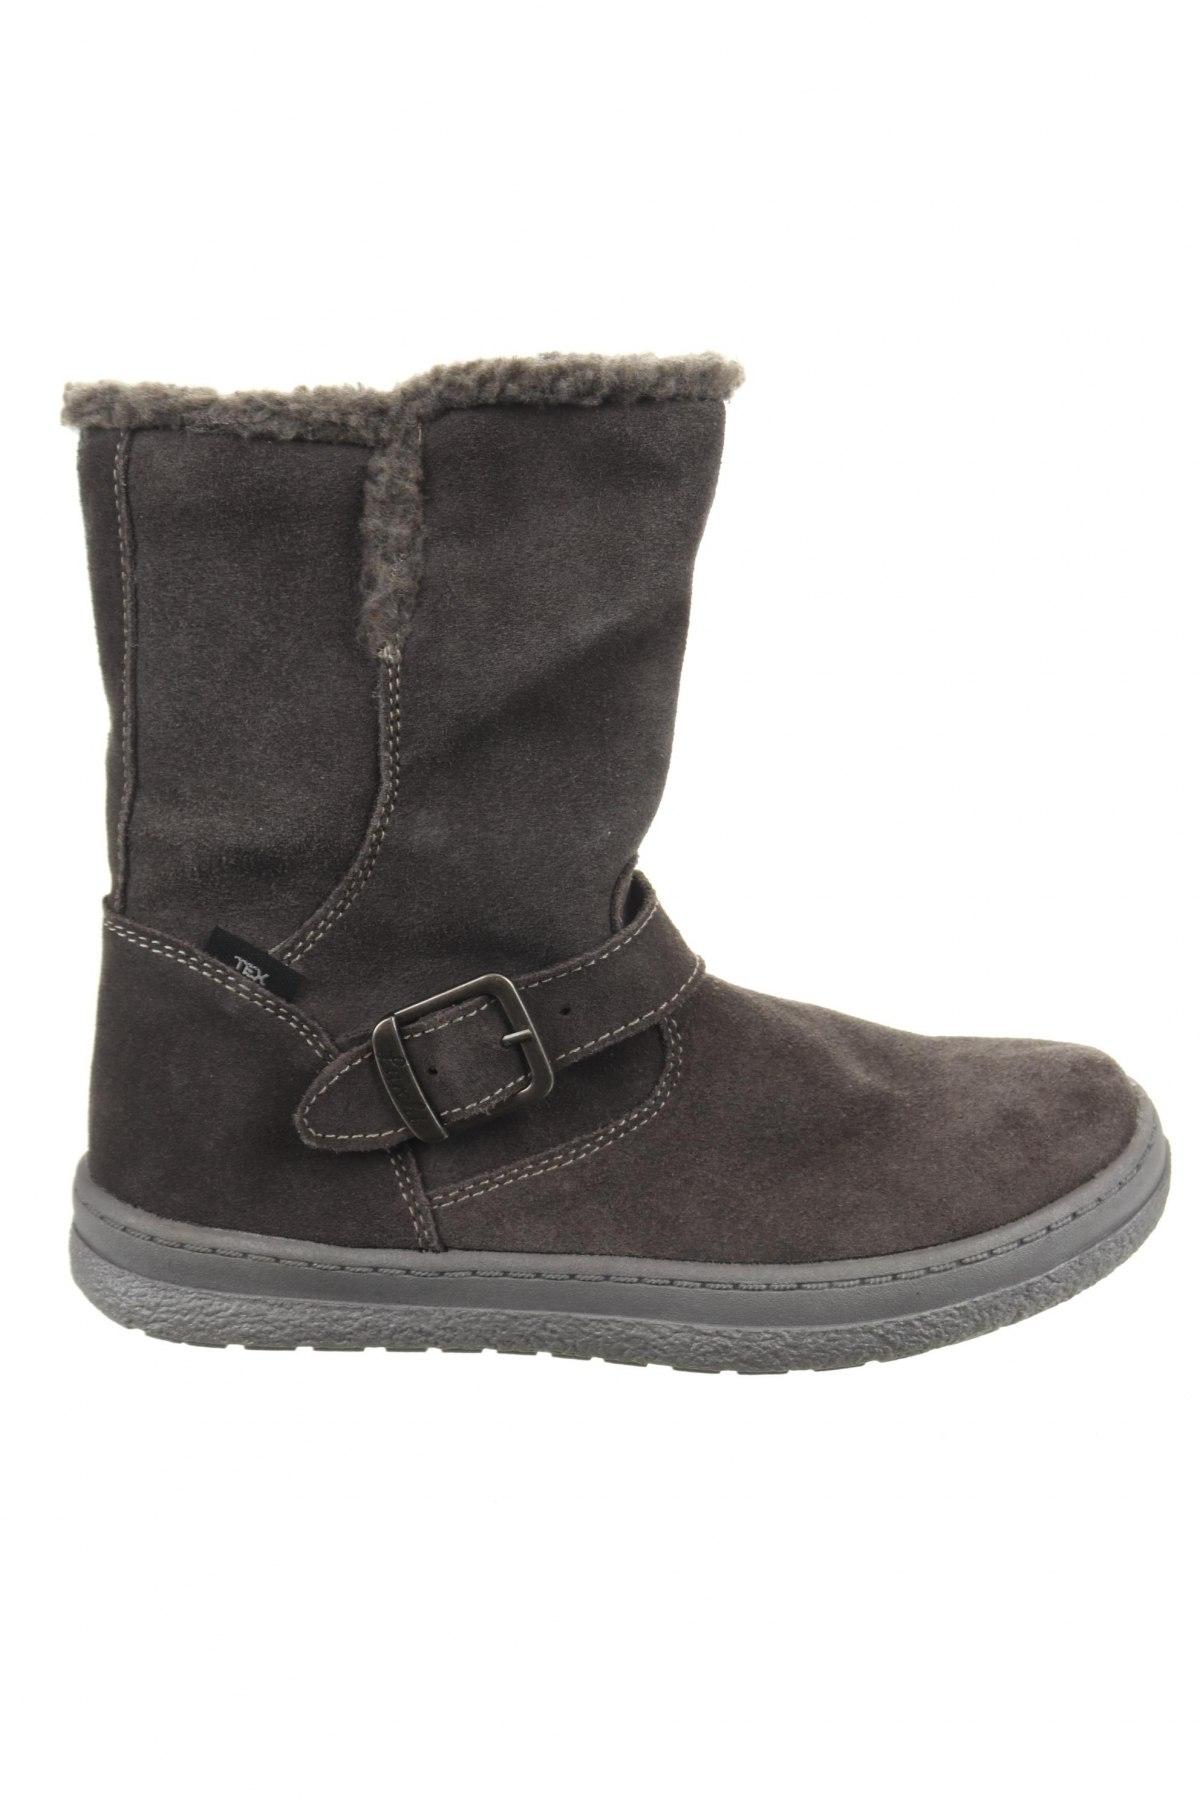 Παιδικά παπούτσια Lurchi, Μέγεθος 34, Χρώμα Γκρί, Φυσικό σουέτ, Τιμή 37,97€